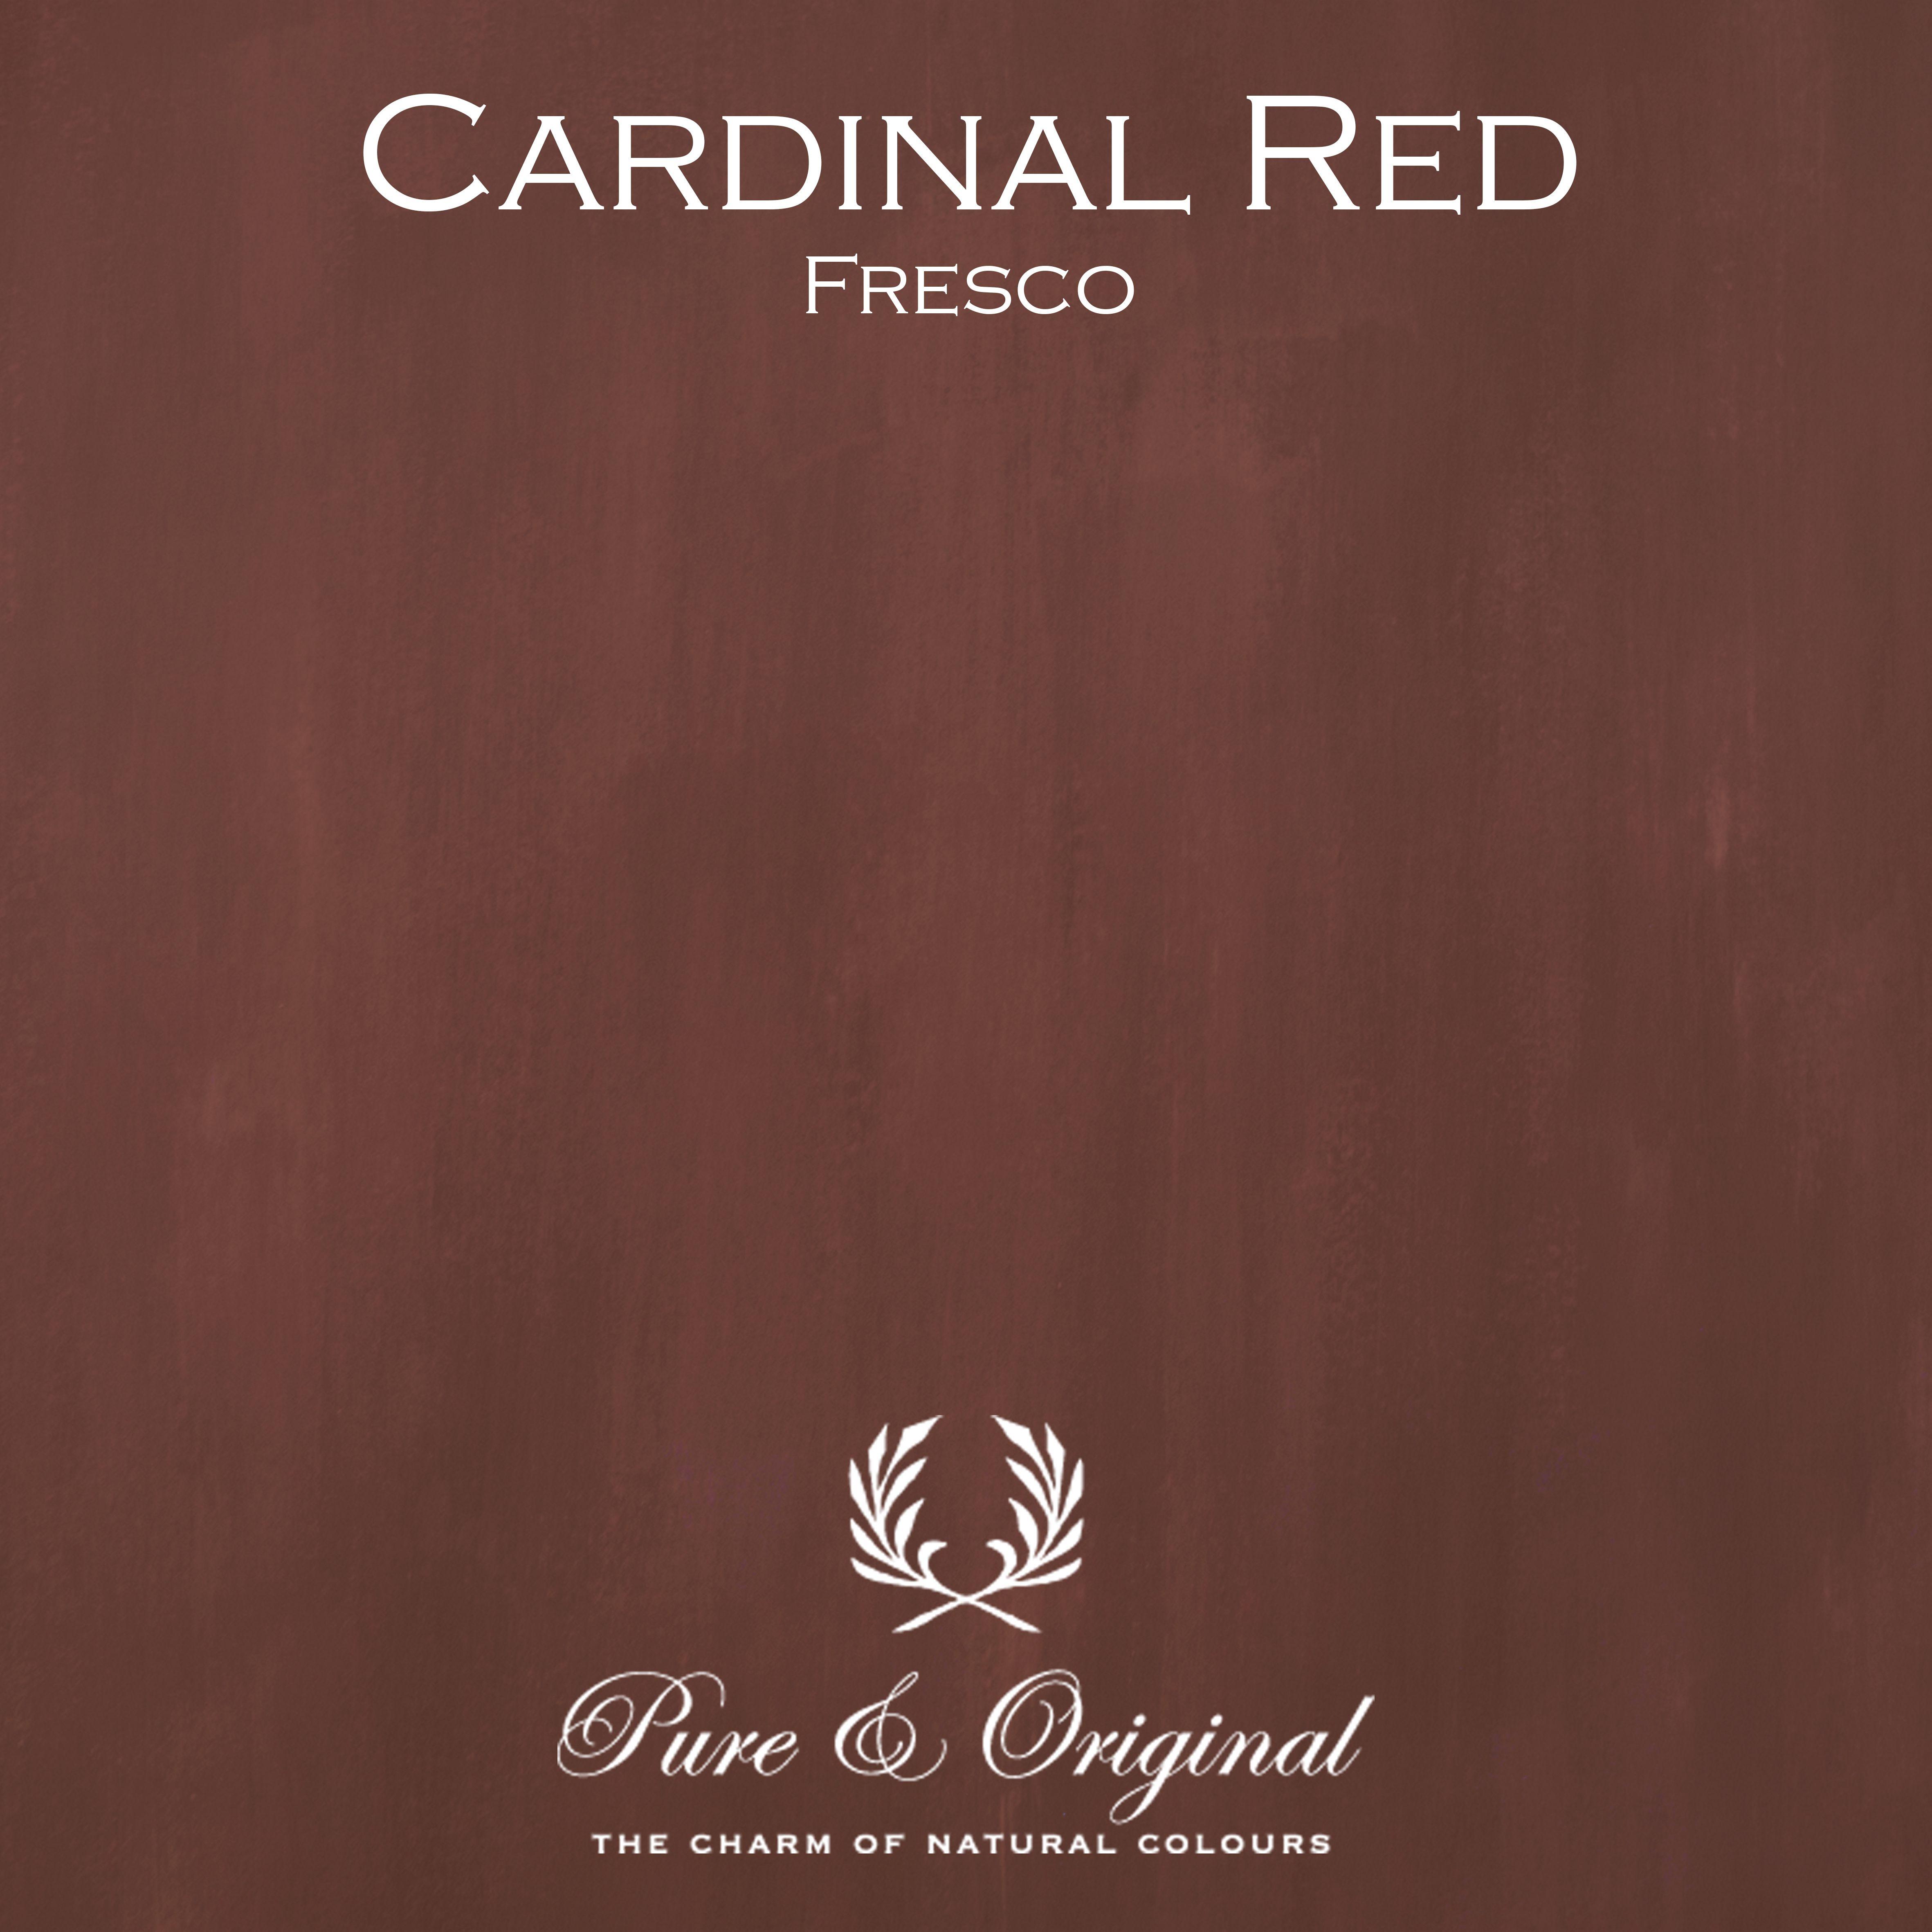 Kulör Cardinal Red, Fresco kalkfärg